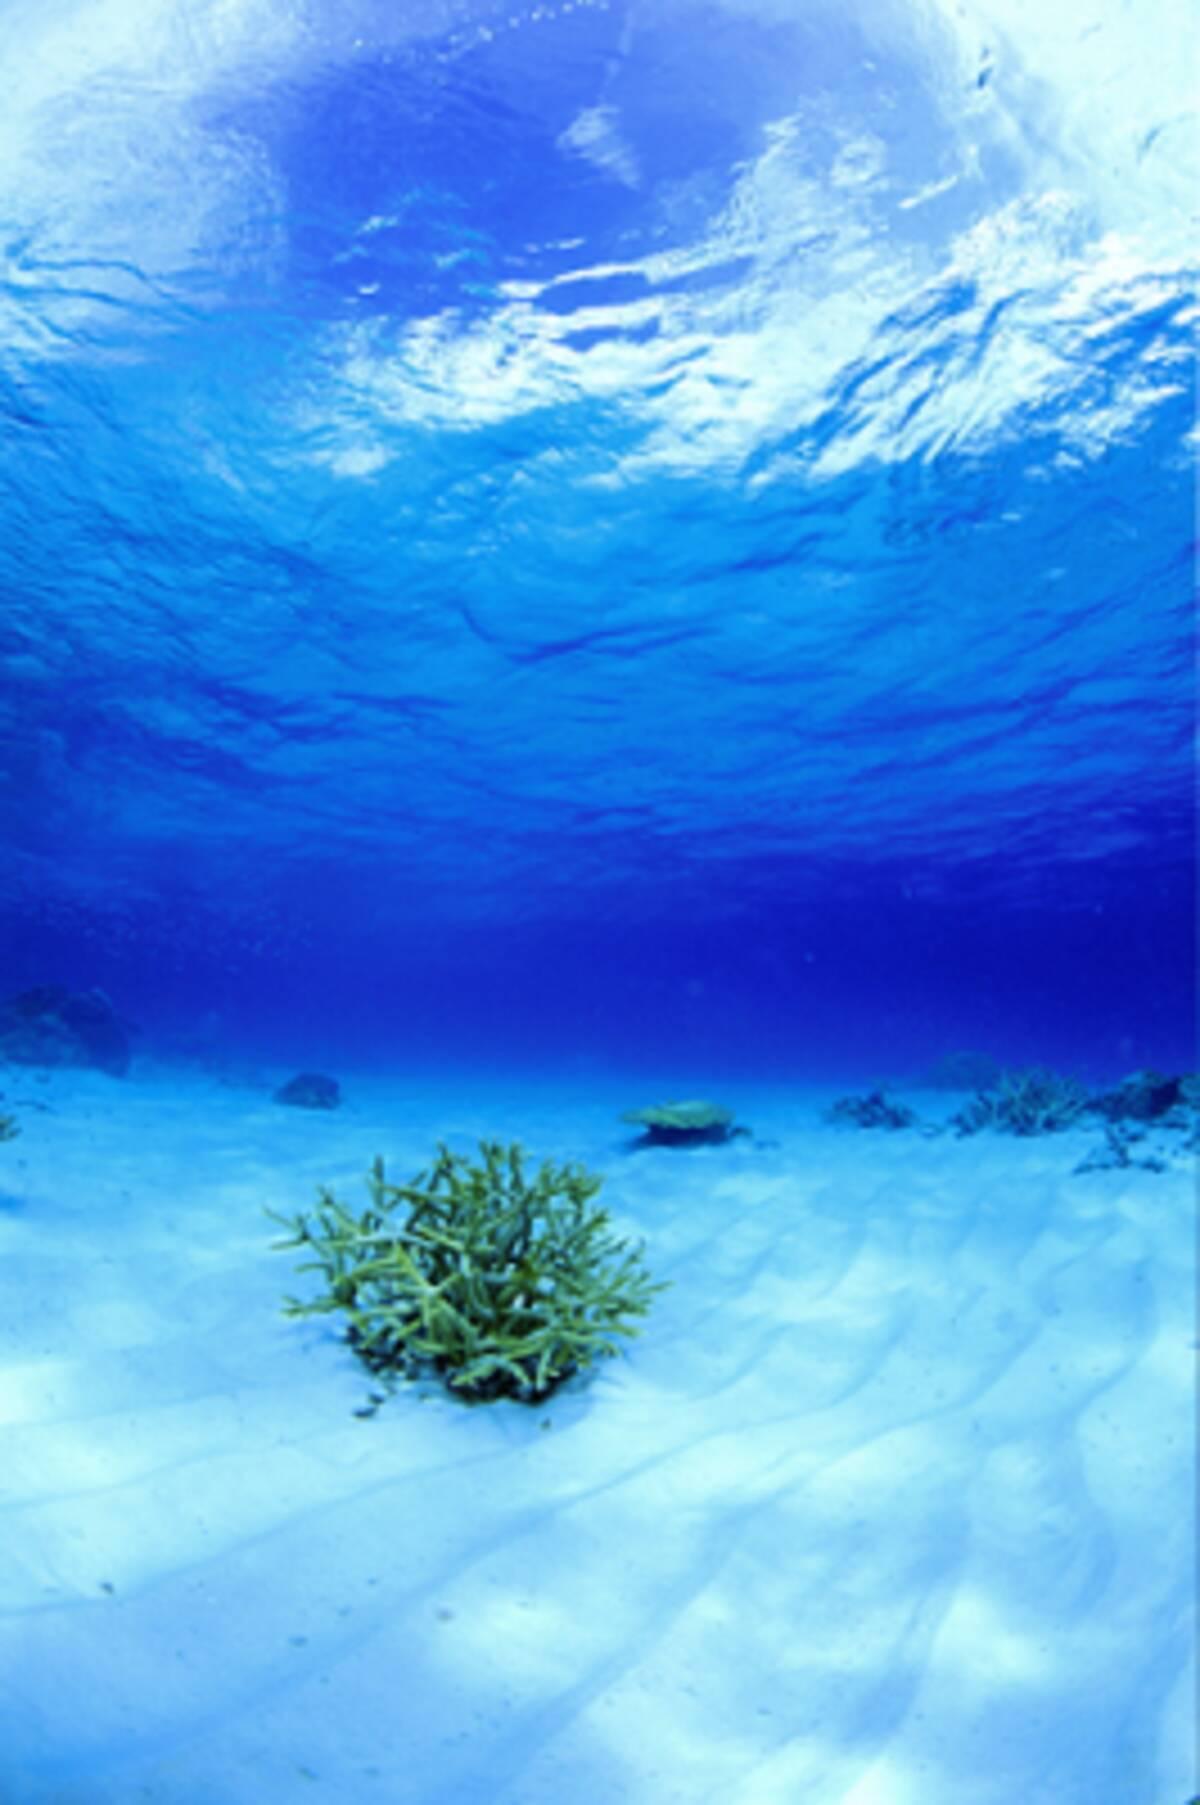 美しい風景や花 世界遺産 壁紙 を無料でゲット 10年6月9日 エキサイトニュース